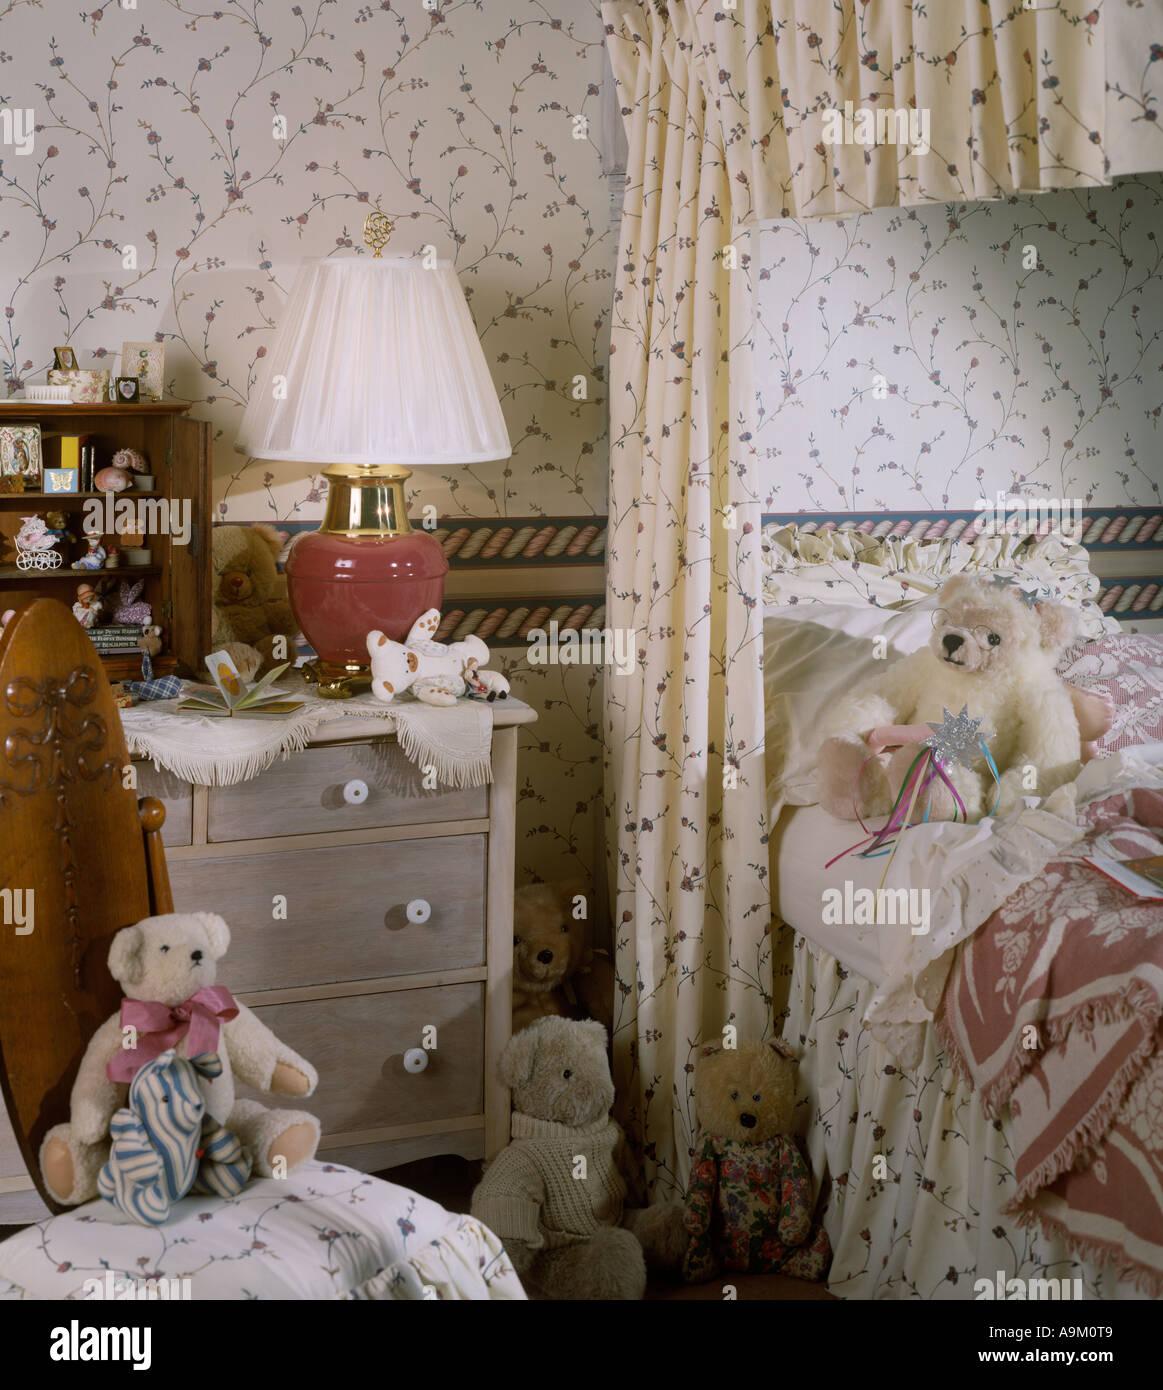 Bett Zimmer Schlafzimmer Set Innenraum Baldachin Bett Teddybären Weiche  Plüschtiere Lampe Tapete Kommode